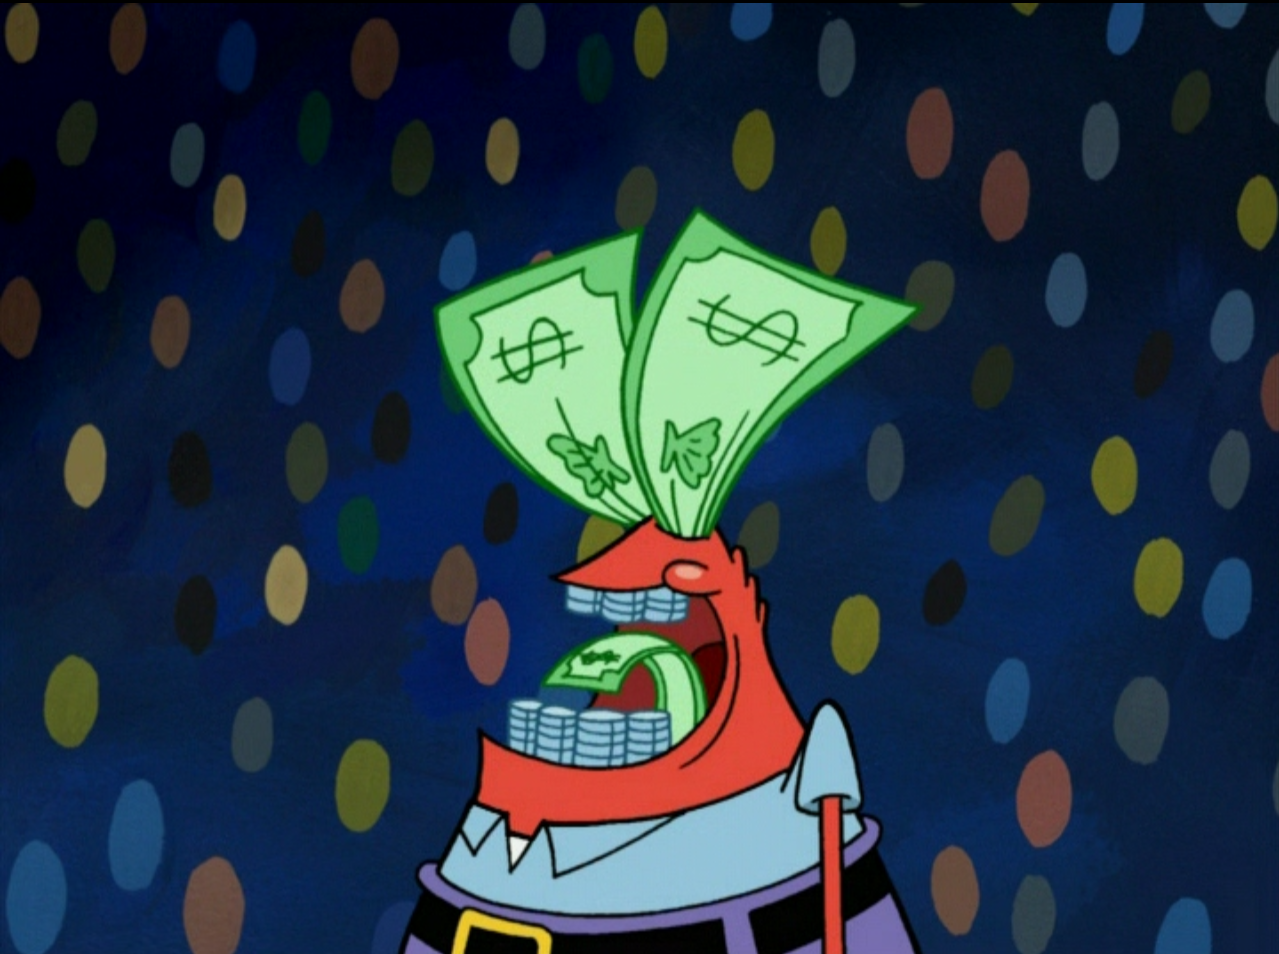 آقای خرچنگ